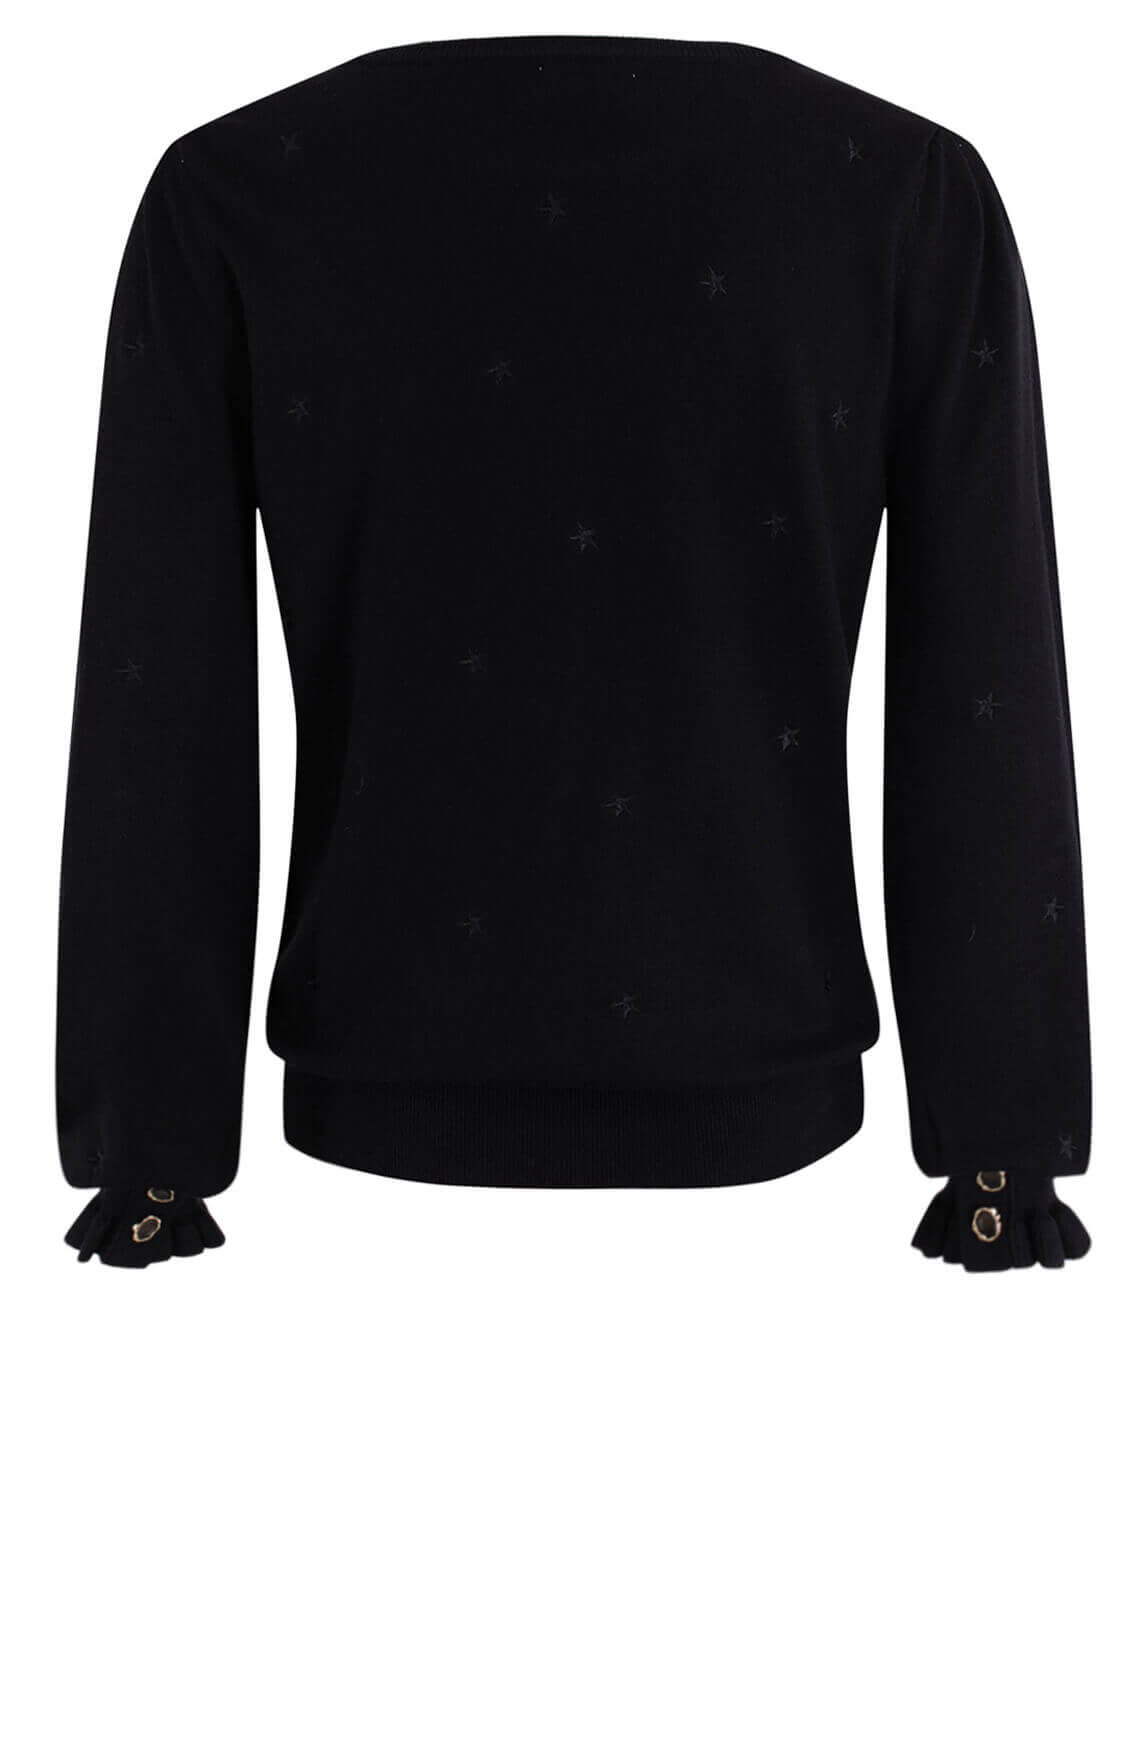 Anna Dames Pullover met knopen Zwart